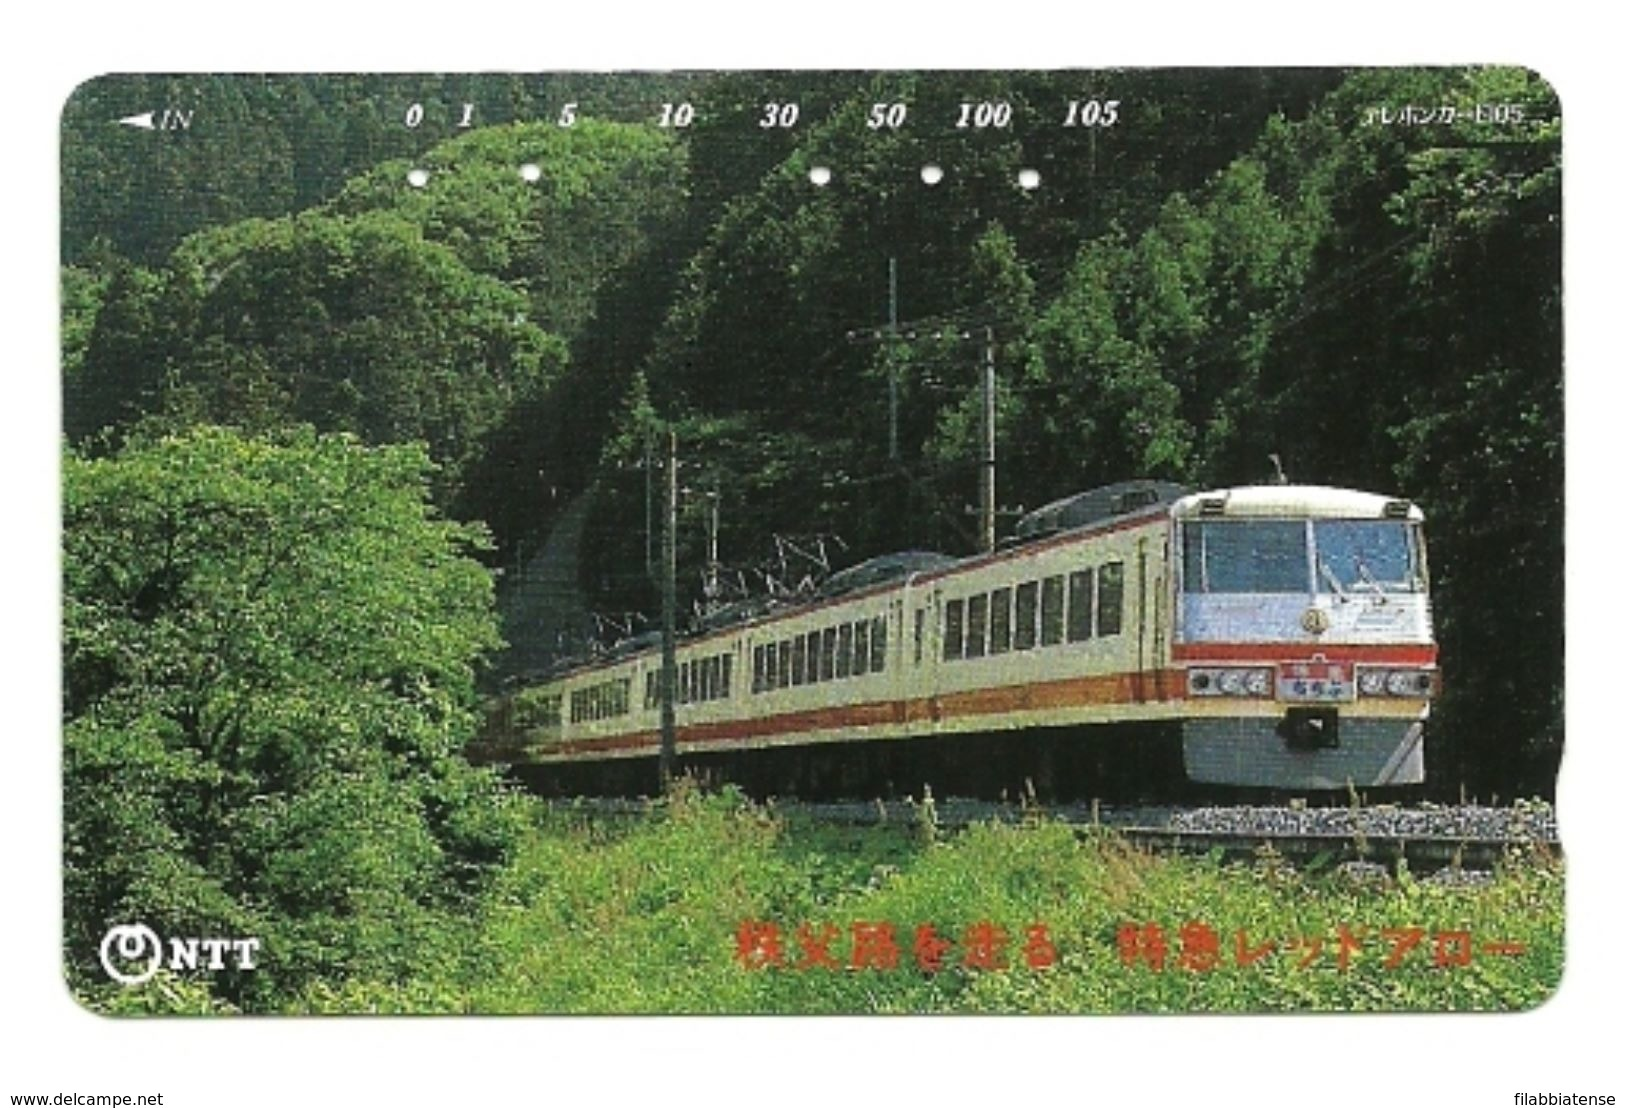 Giappone - Tessera Telefonica Da 105 Units T330 - NTT, - Treni